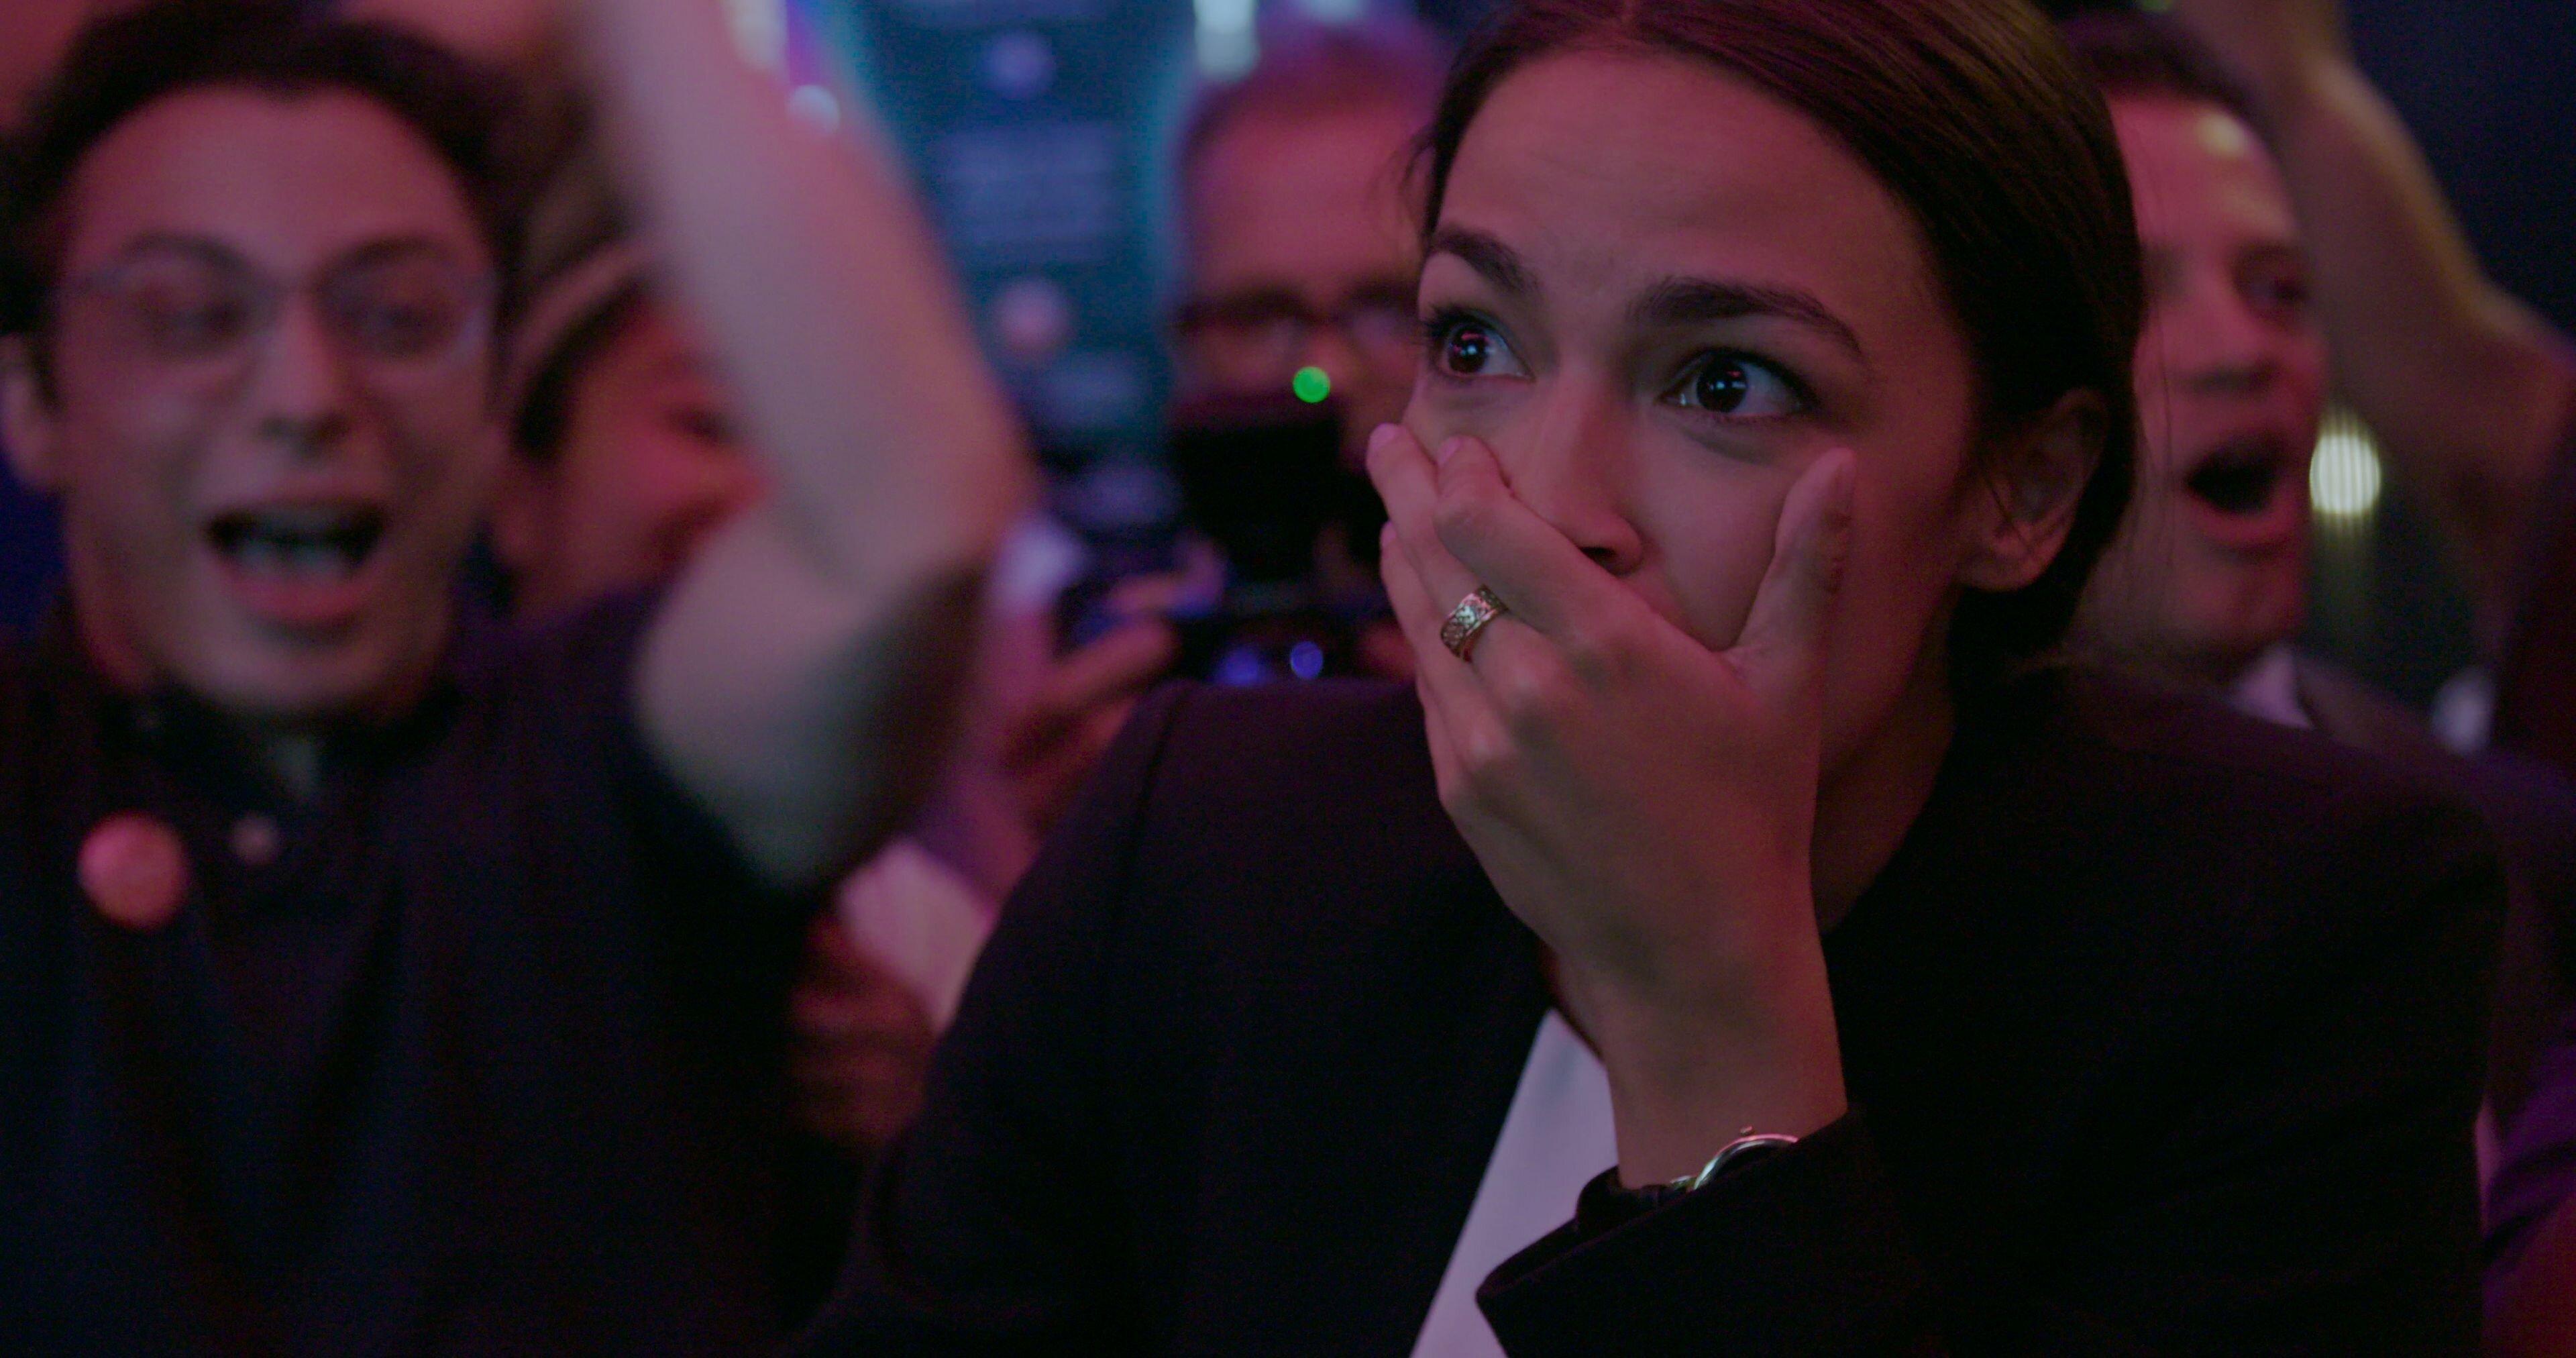 Alexandria Ocasio-Cortez com cara de surpresa ao vencer as primárias do Partido Democrata em 2018,...